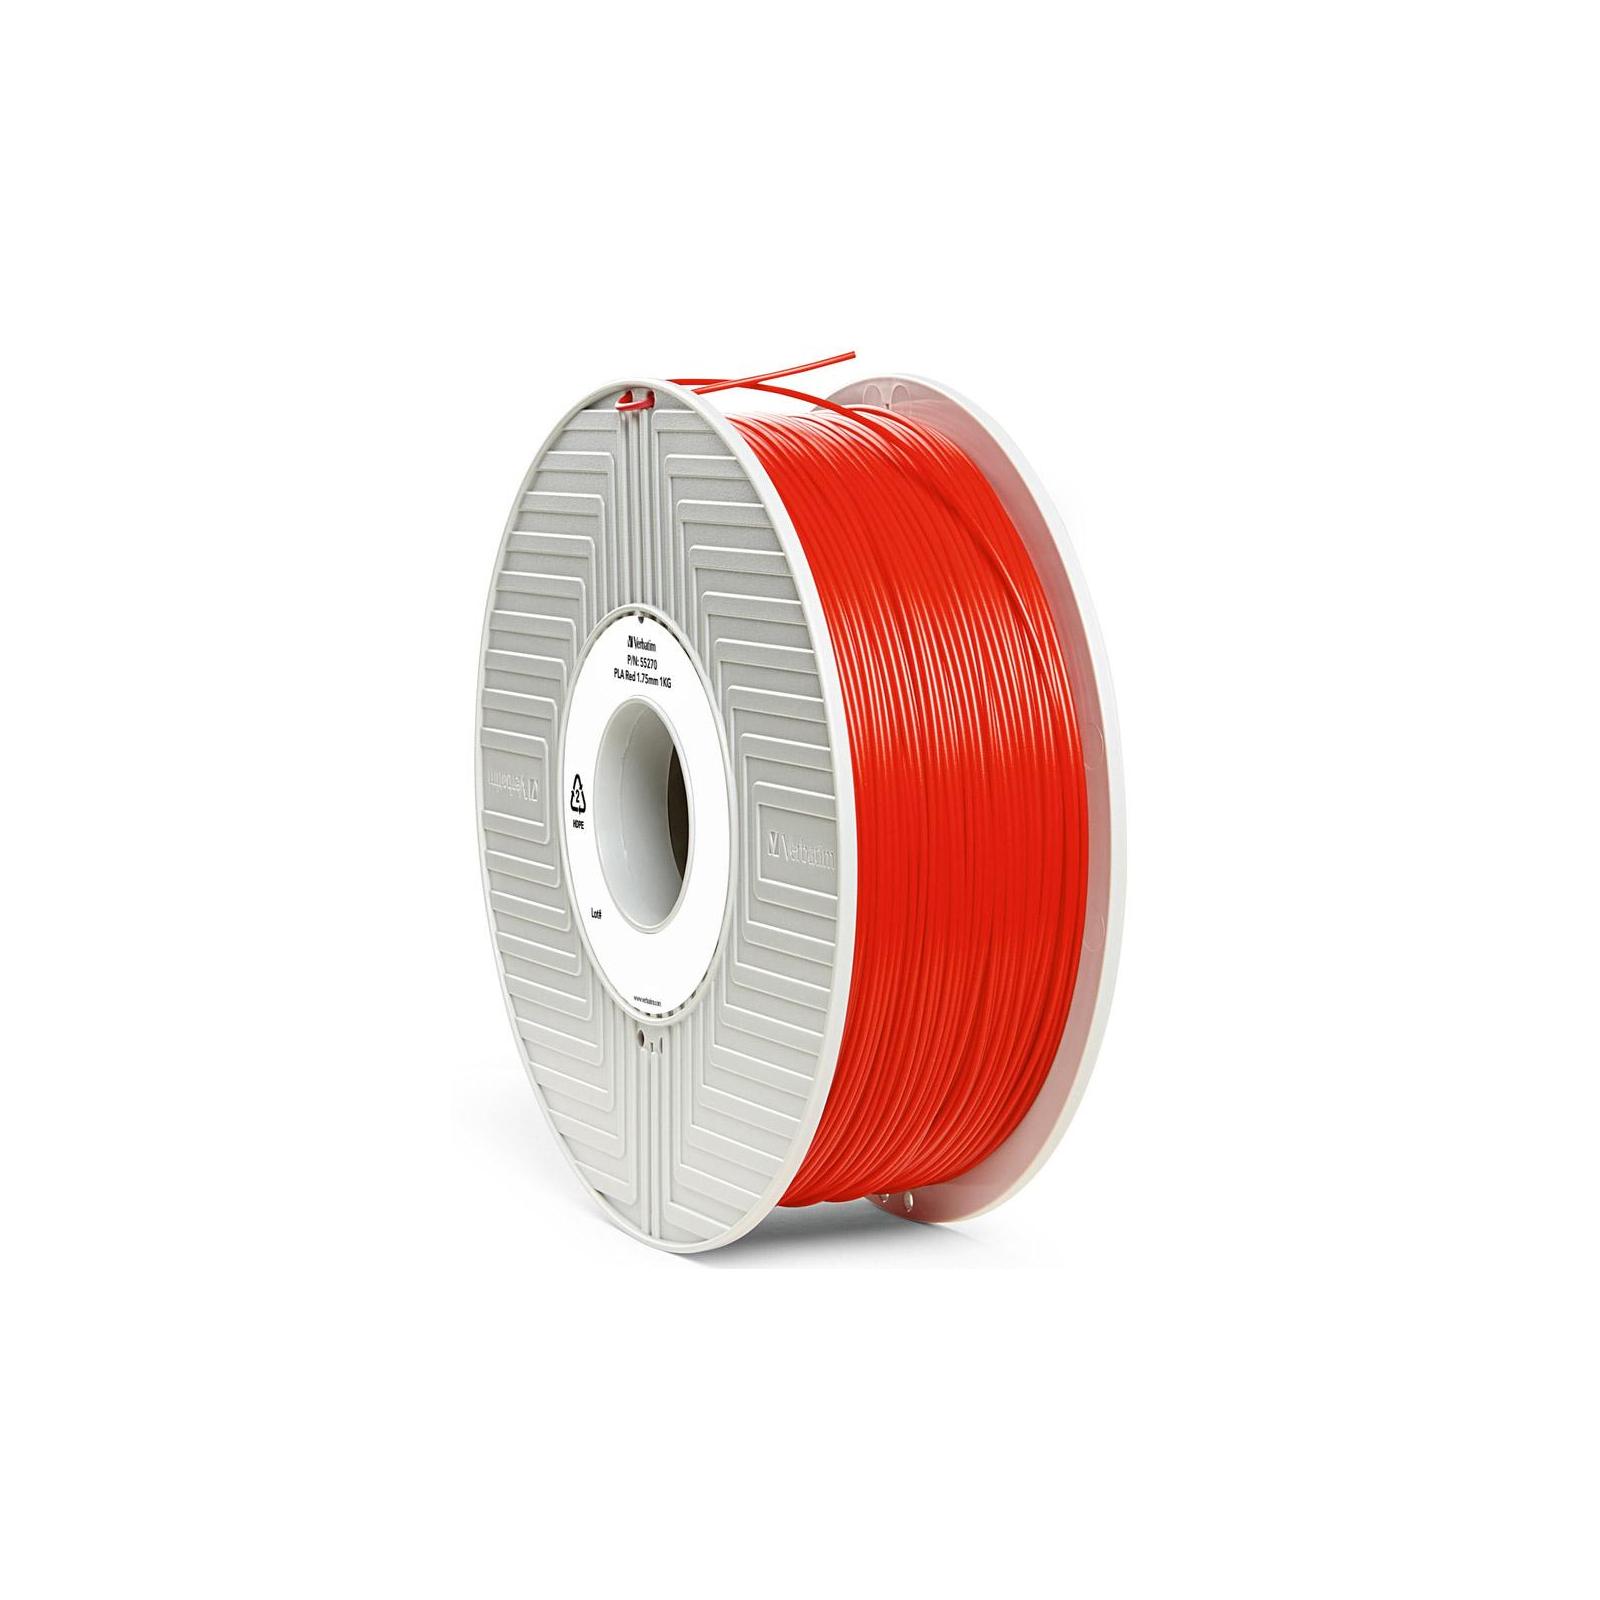 Пластик для 3D-принтера Verbatim PLA 1.75 mm RED 1kg (55270) изображение 2